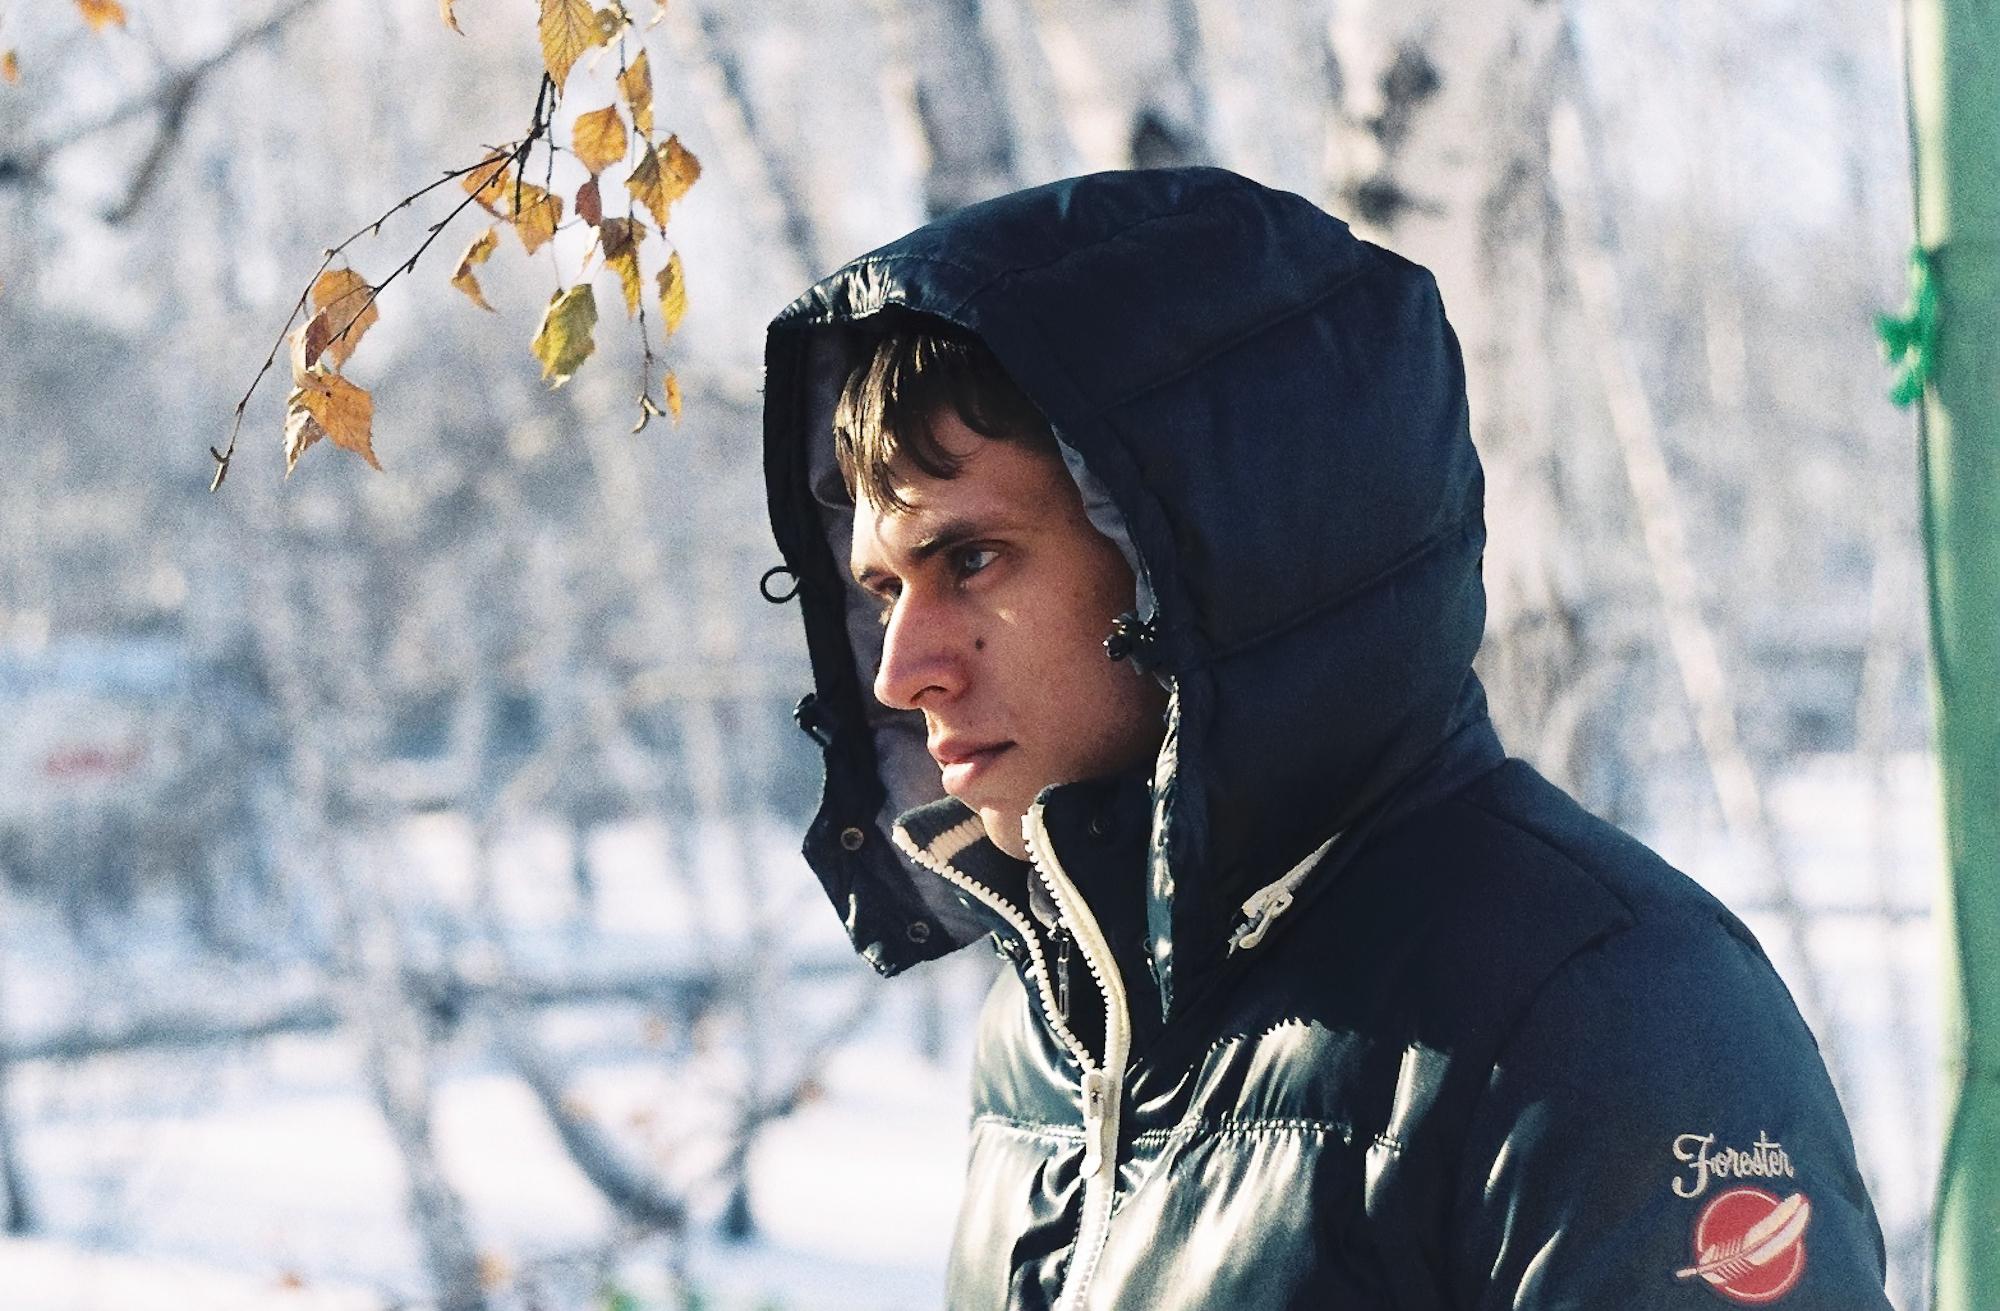 действительно андрей назаренко его фото огне около пяти